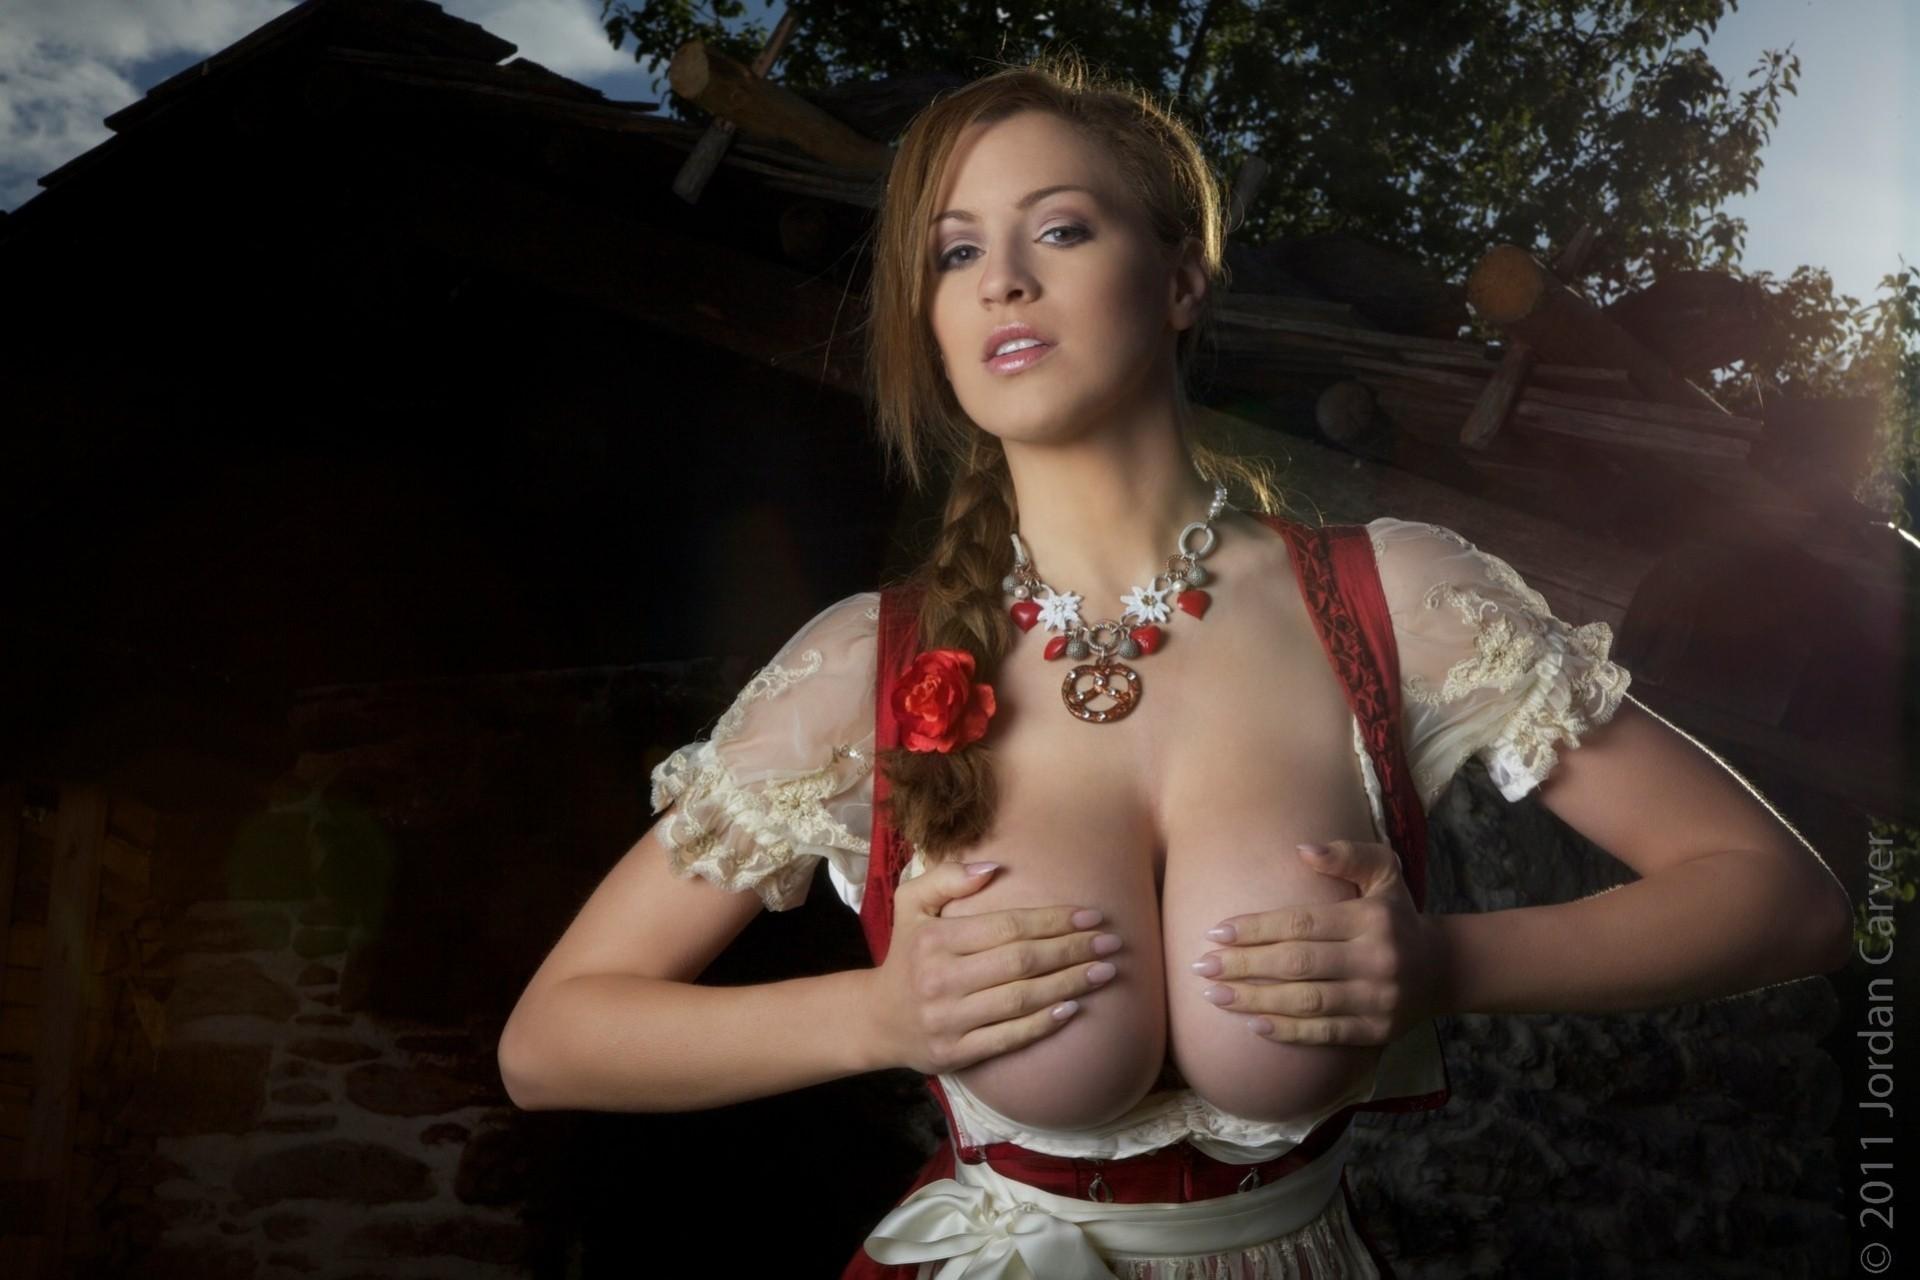 Фотки с сиськами в одежде, Красивые сиськи в прозрачной одежде частные секс фото 35 фотография